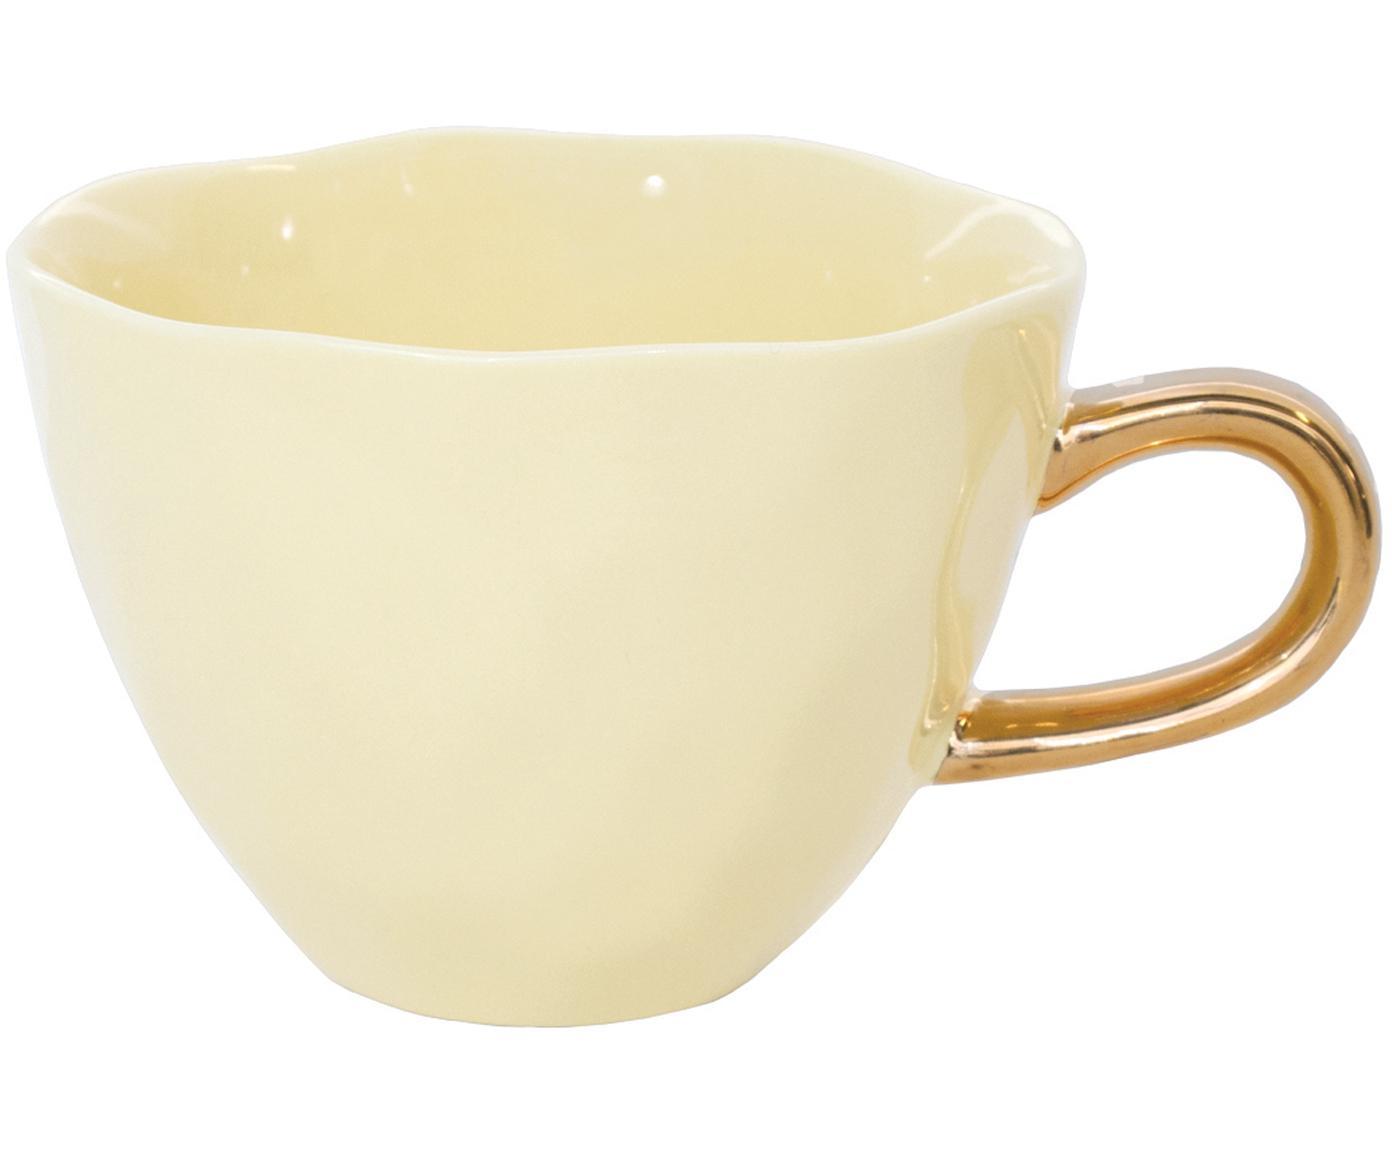 Kubek Good Morning, Kamionka, Żółty, odcienie złotego, Ø 11 x W 8 cm